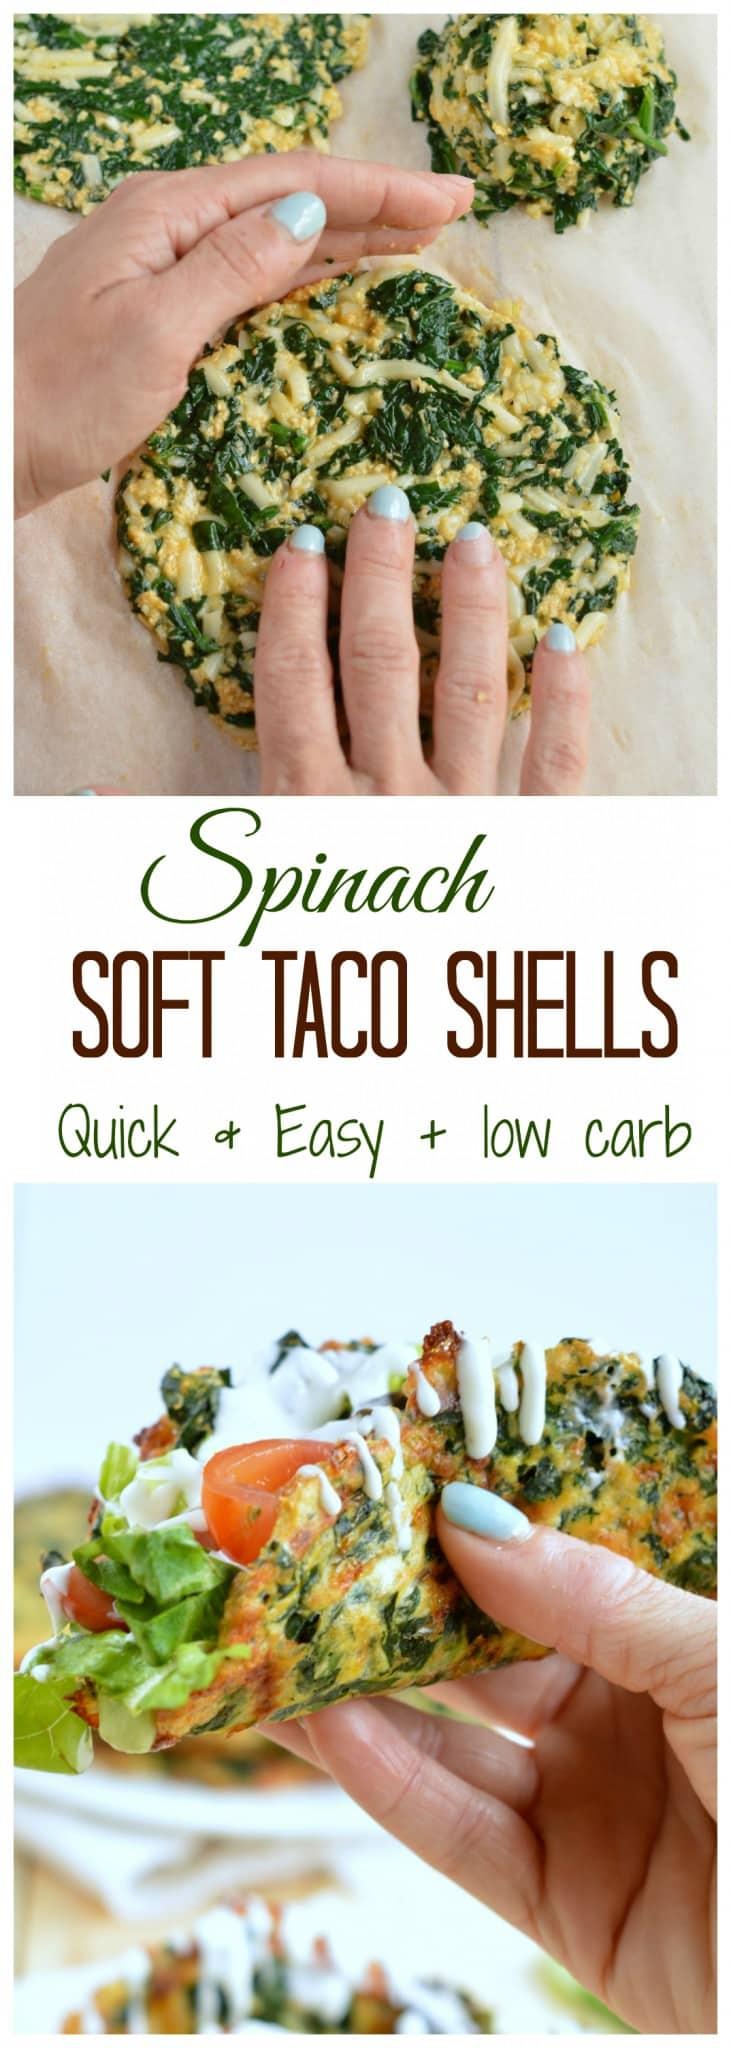 Soft Taco Recipe   Low Carb Spinach Taco Shells